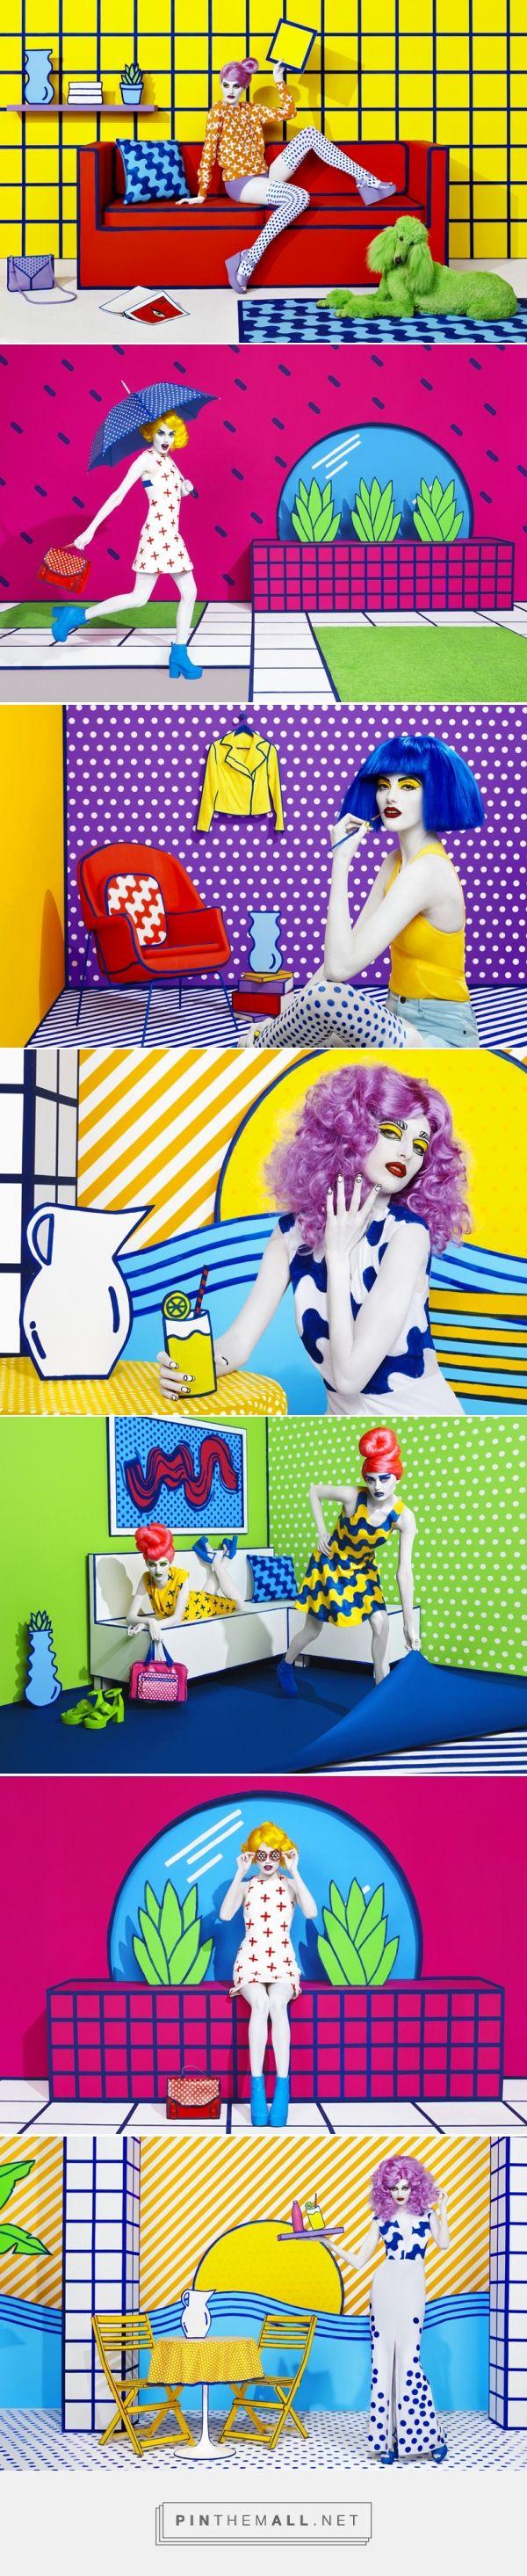 藝術攝影加上浮誇的背景設計,可以學習普普風的用色,刻意平面化的誇張風格。#pop